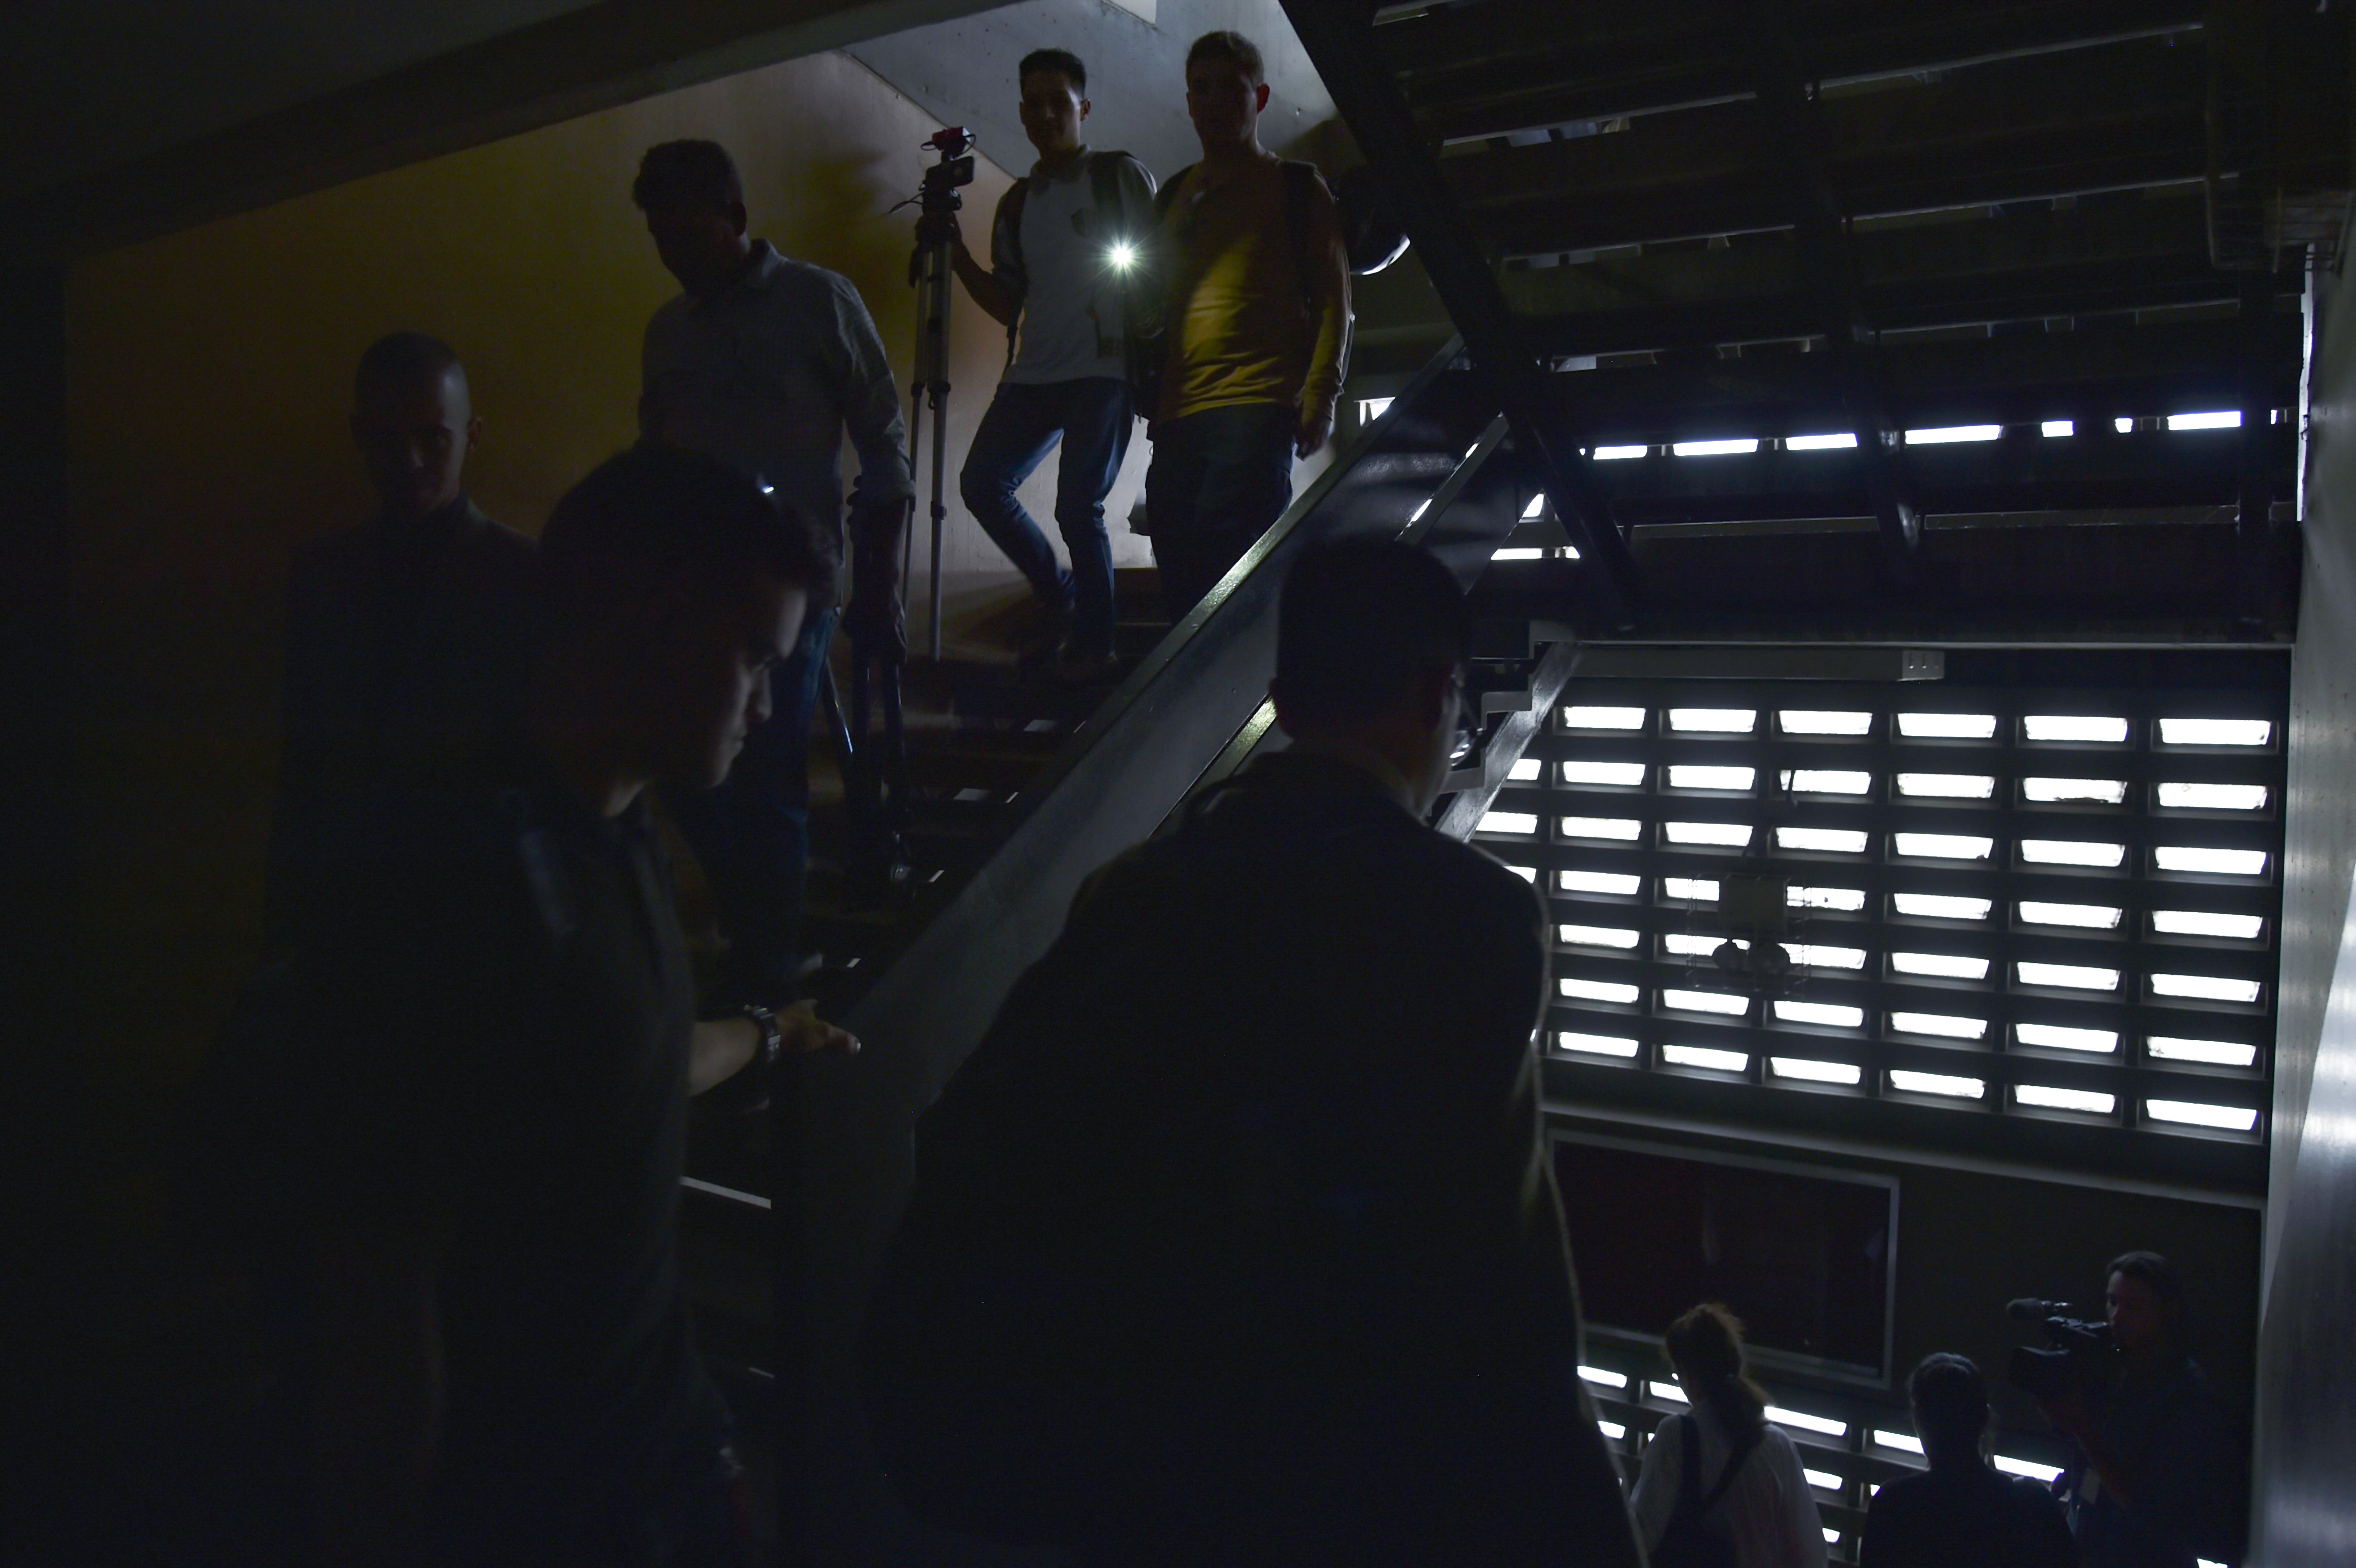 Az áramkimaradás miatt munkaszüneti napot tartanak Venezuelában